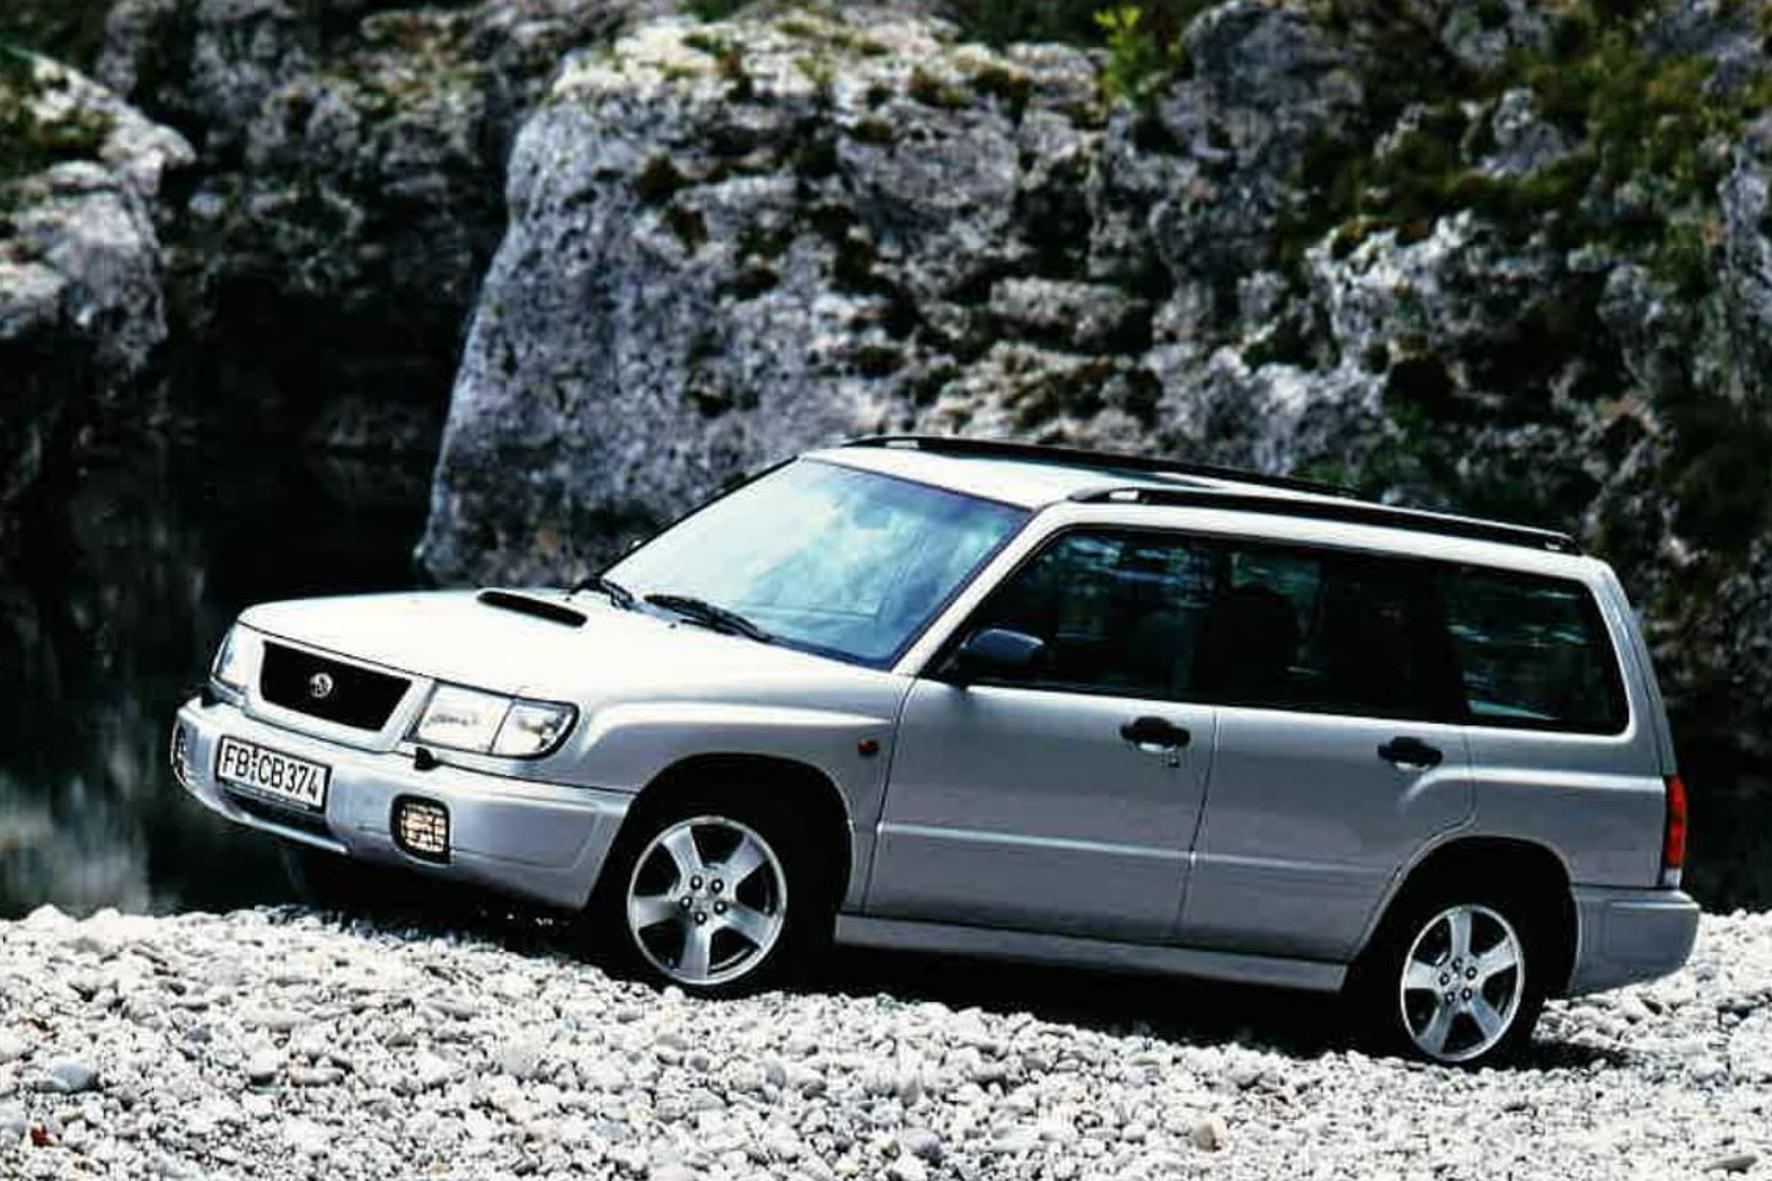 mid Groß-Gerau - Die Hutze auf der Motorhaube verspricht Kraft, und davon hat der Subaru Forester S-turbo von 1999 zum Preis von 54.990 DM wahrlich genug. Subaru